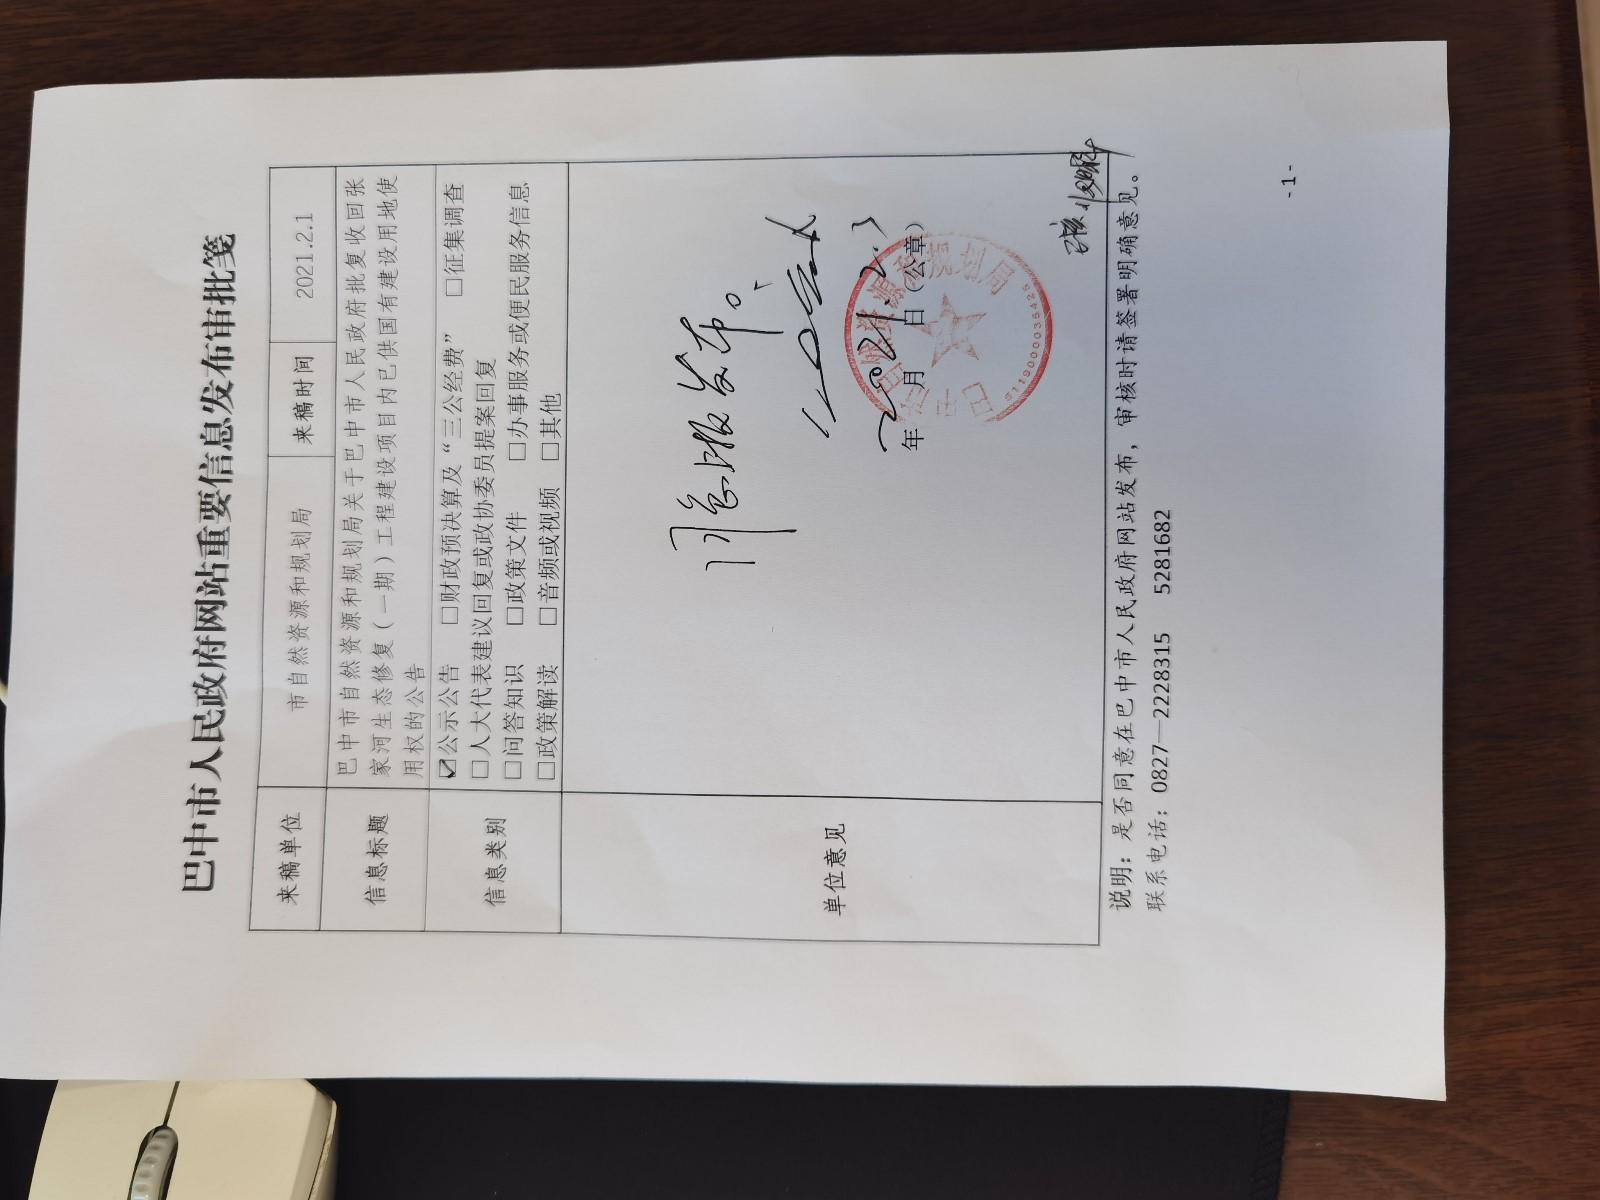 巴中市自然资源和规划局关于巴中市人民政府批复收回张家河生态修复(一期)工程建设项目内已供国有建设用地使用权的公告